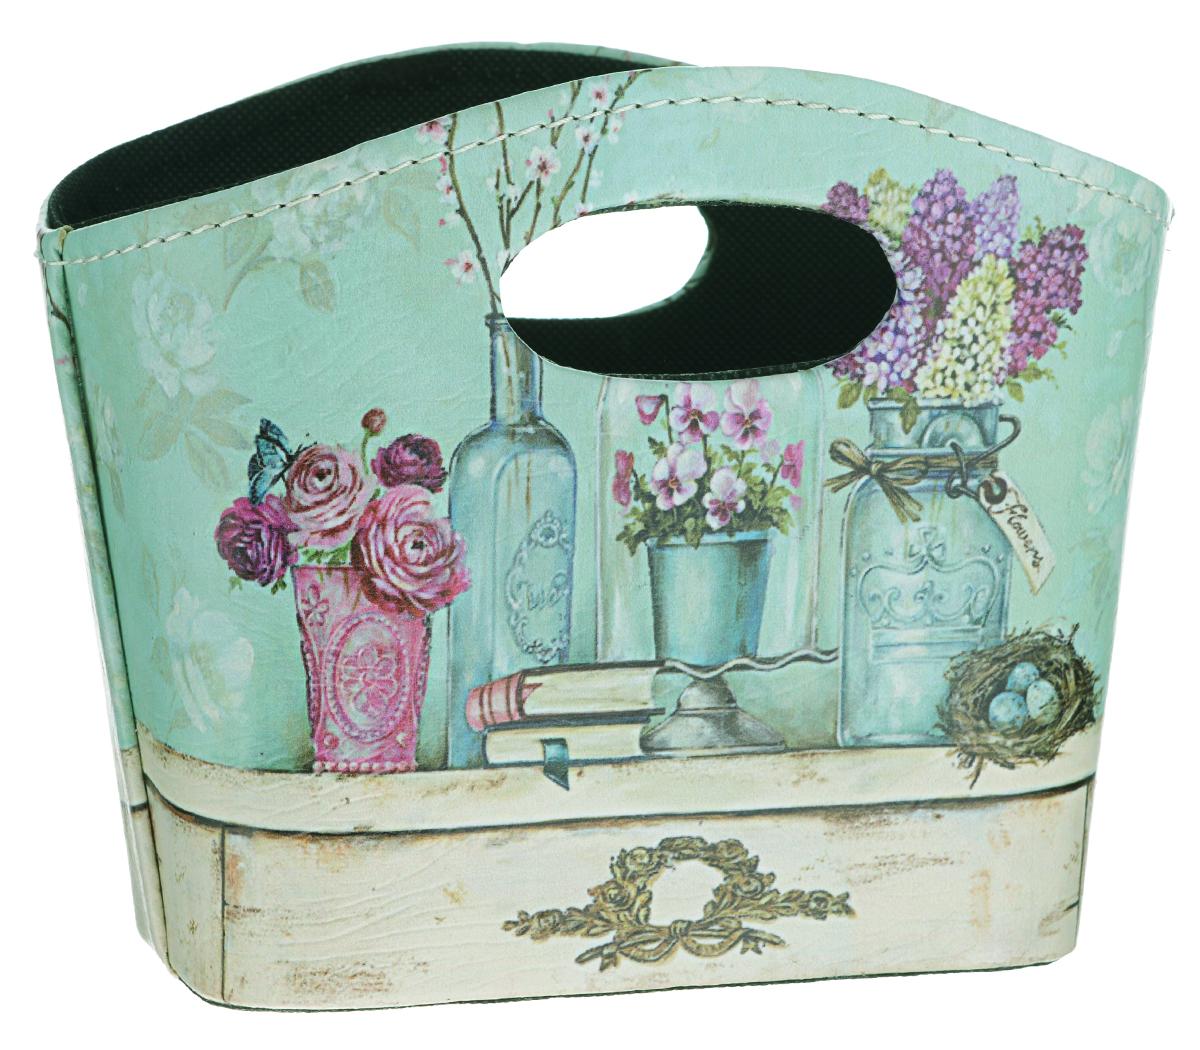 Сумка для хранения El Casa Натюрморт с фиалками, 20 х 11 х 16 см171170Интерьерная сумка El Casa Натюрморт с фиалками, выполненная из МДФ, текстиля и искусственной кожи, понравится всем ценителям оригинальных вещей. Благодаря прекрасному дизайну и необычной форме, такая сумка будет отлично смотреться в вашей гостиной или коридоре. В ней можно хранить всевозможные мелочи: расчески, заколки, журналы или газеты. Сумка El Casa Натюрморт с фиалками станет отличным подарком для ваших друзей и близких.